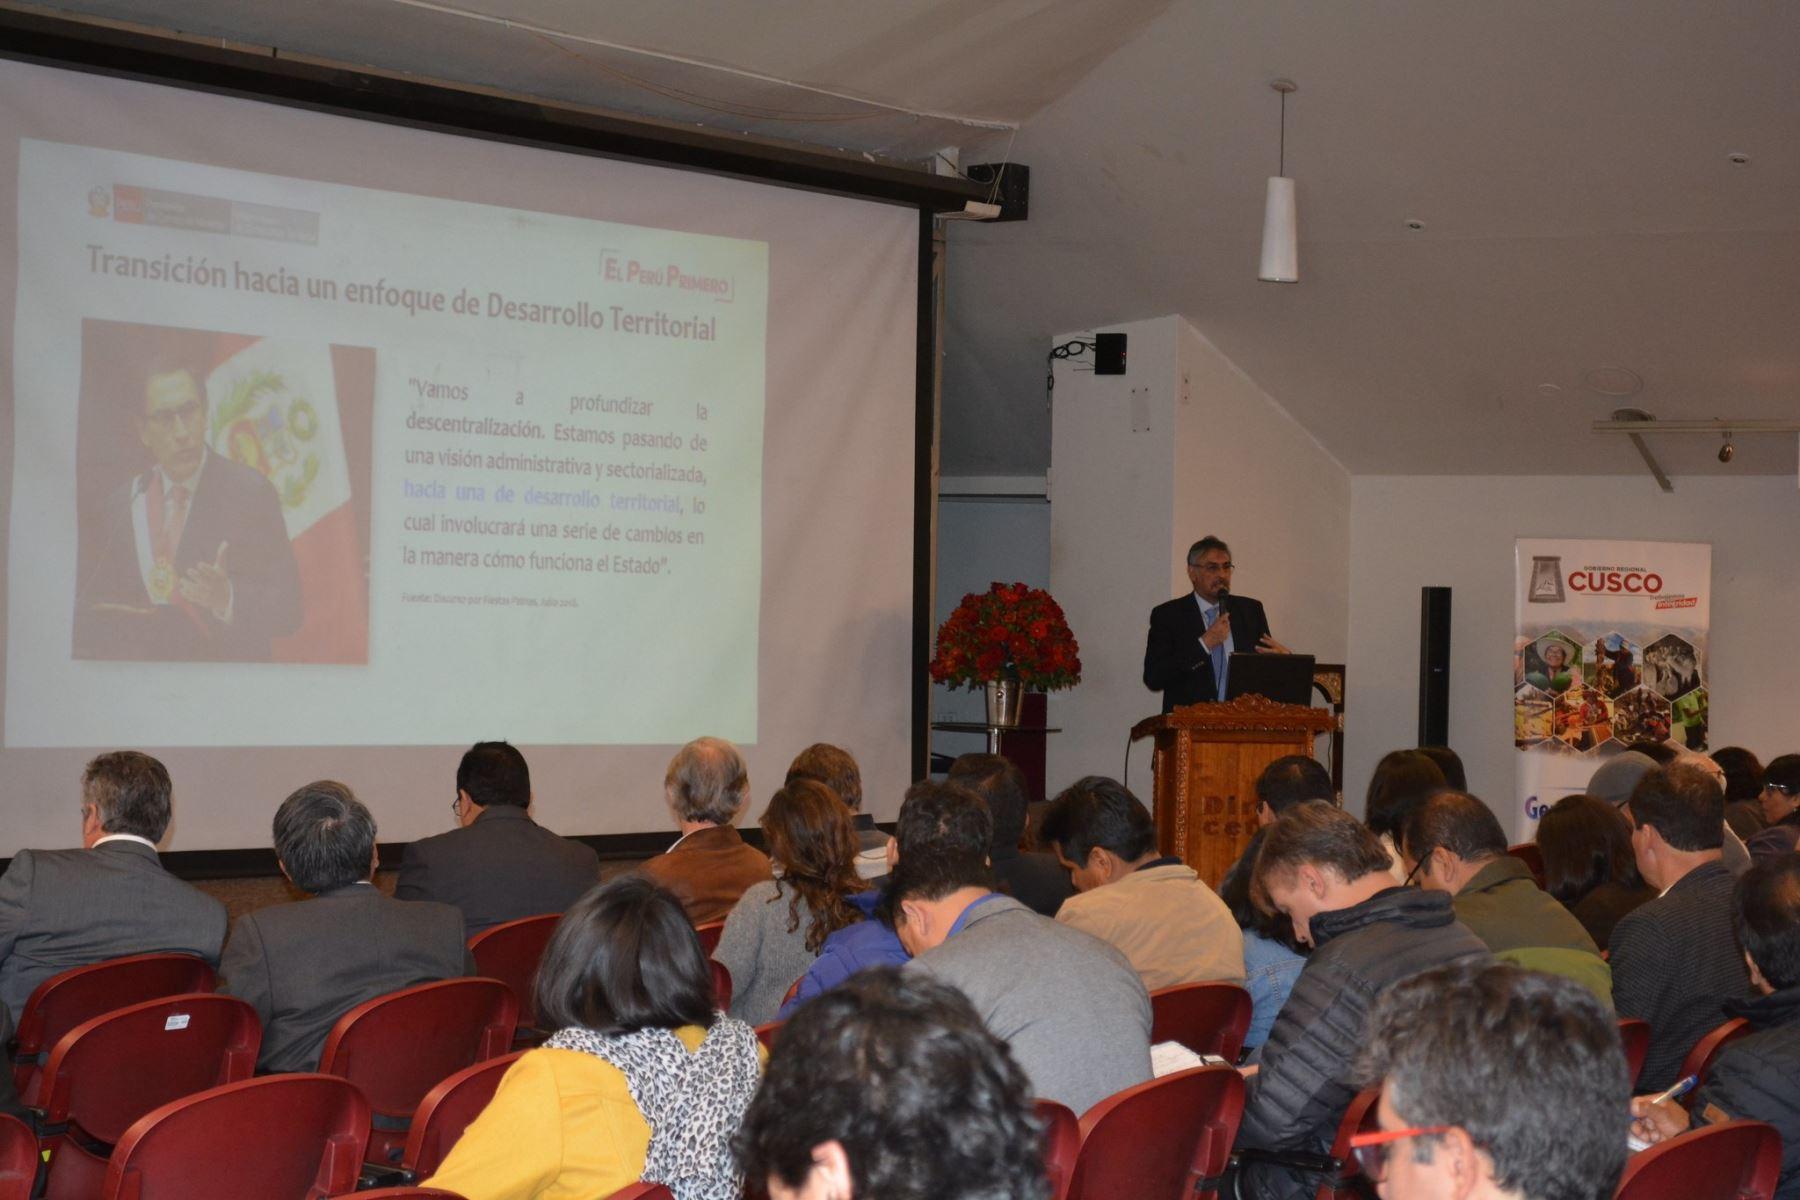 Ejecutivo capacita en Cusco a funcionarios regionales en temas de descentralización.